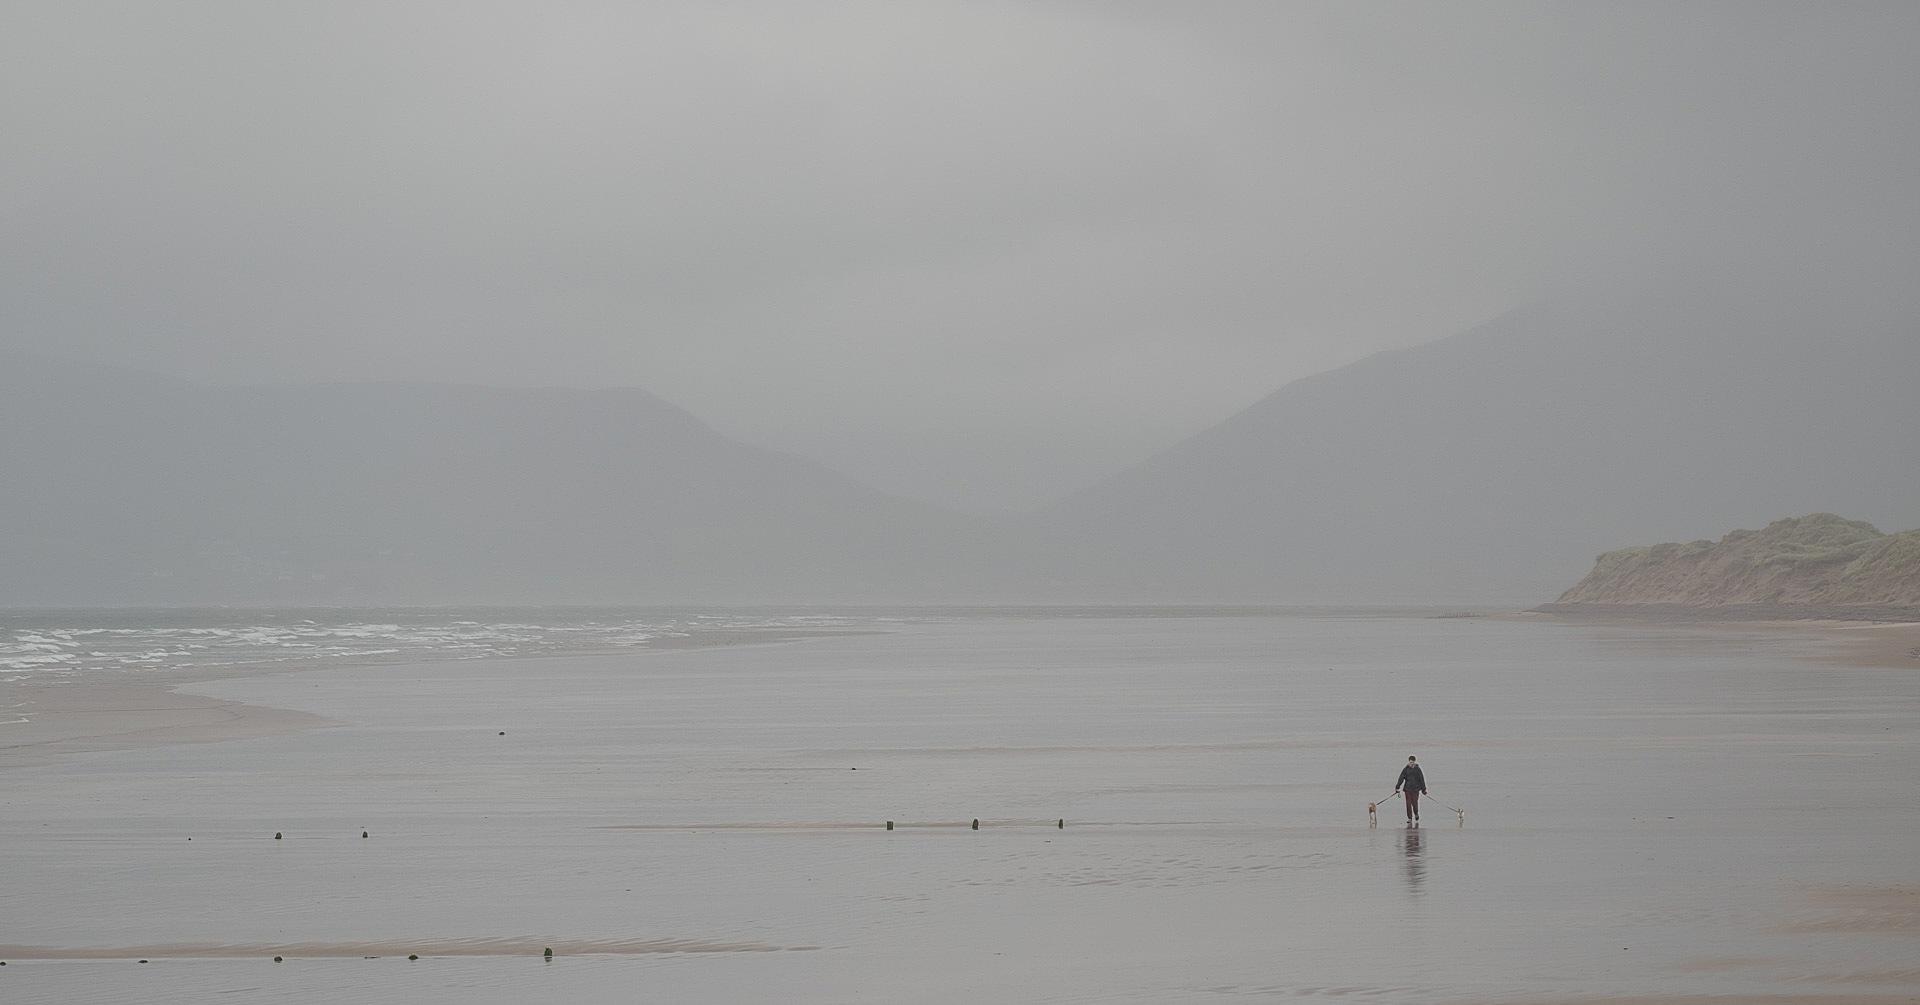 Joint 3rd - 18 Points - Irish mist on the beach - Bill Beere